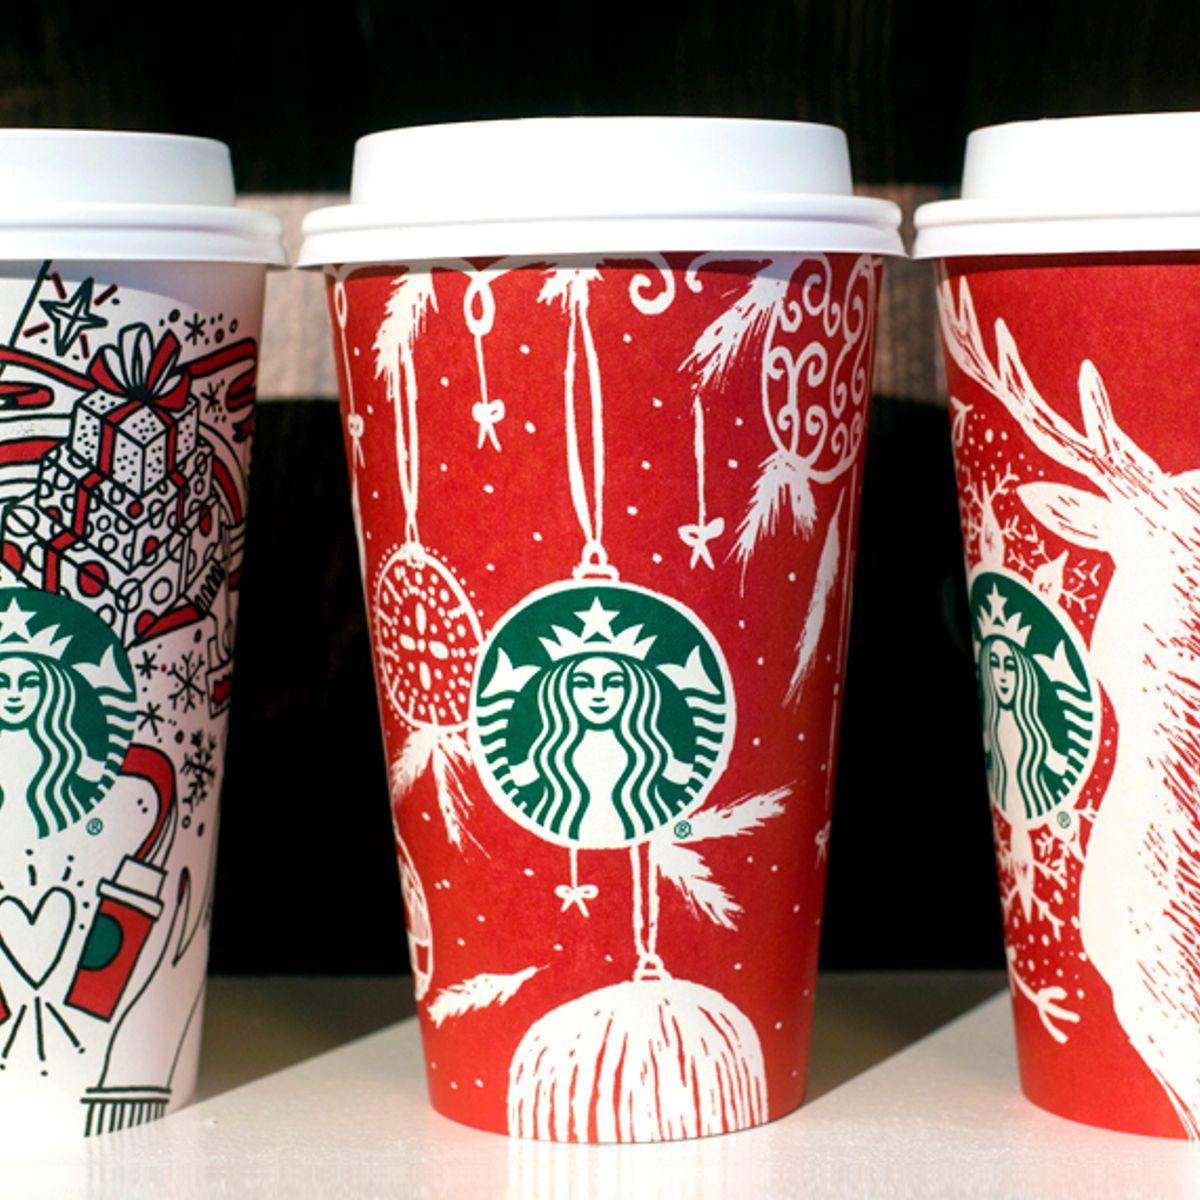 War On Christmas 2017 Fox News Asks If Starbucks Holiday